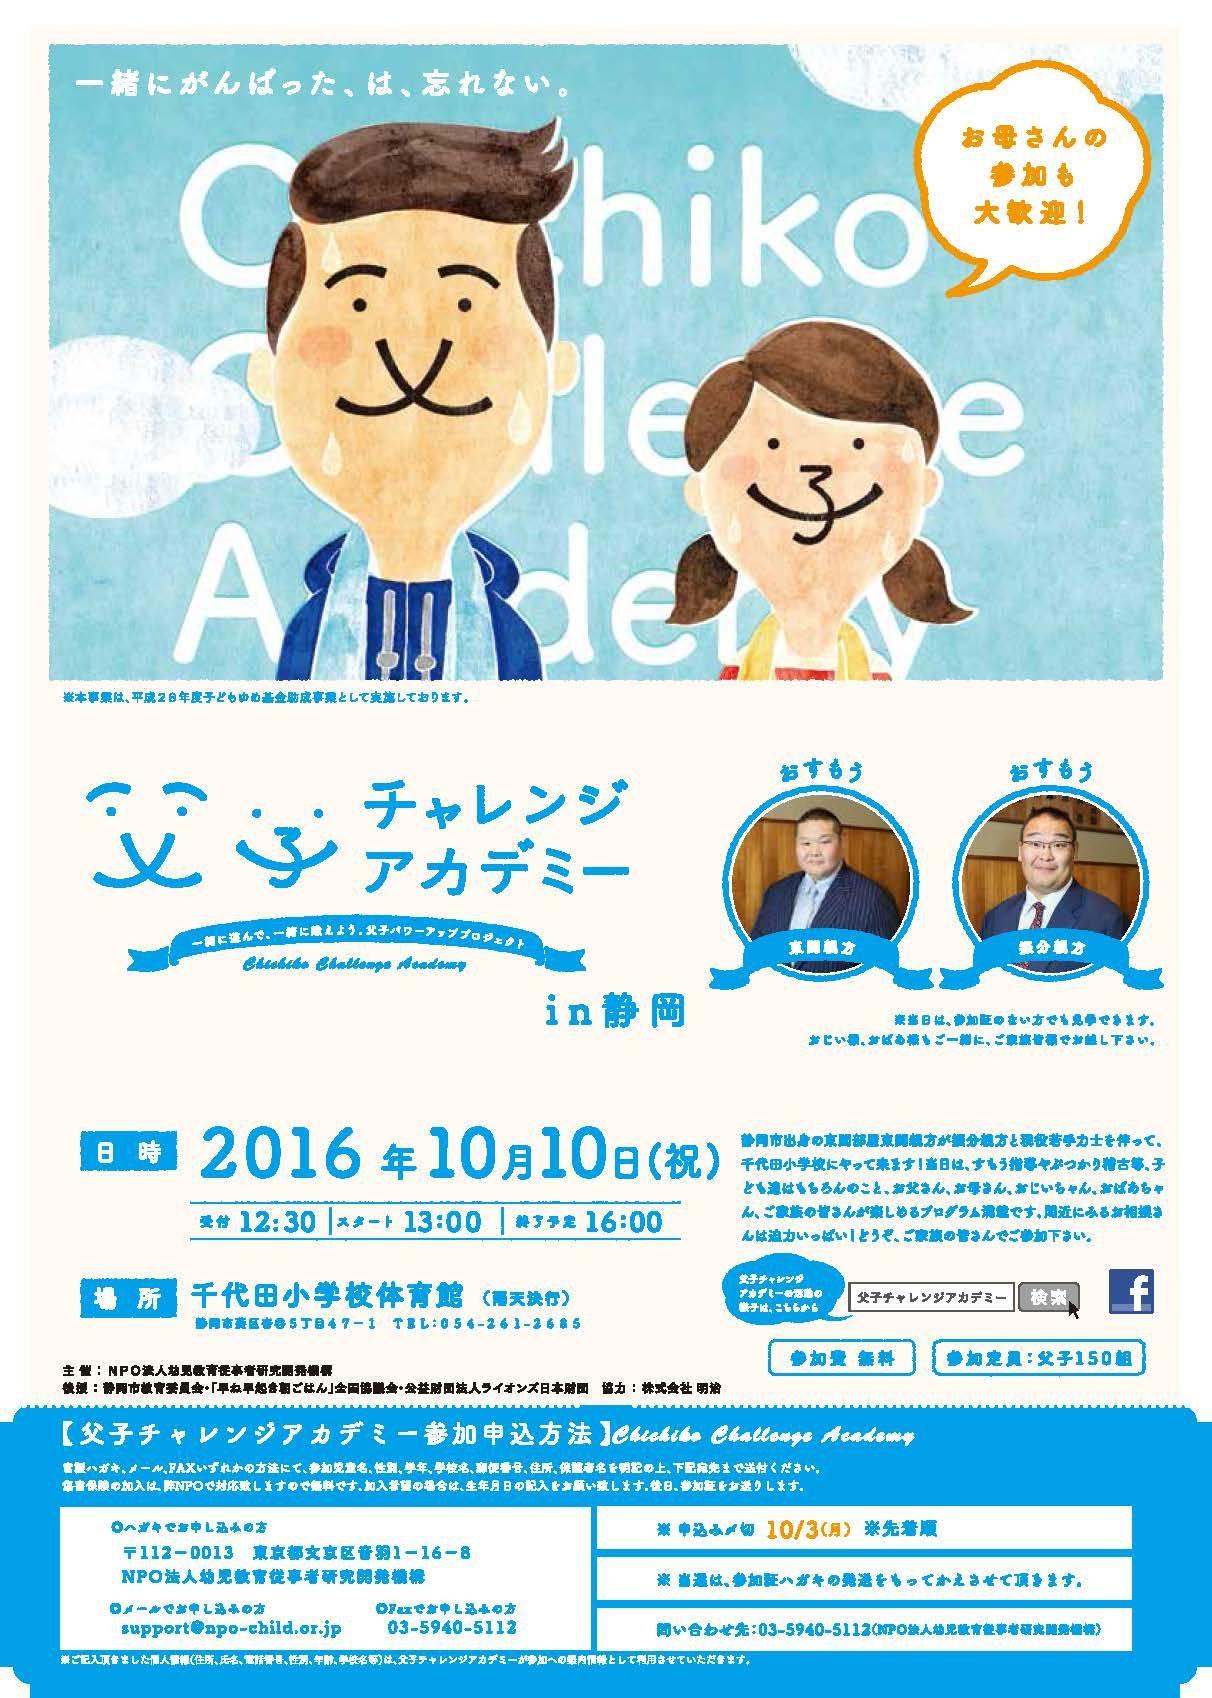 父子チャレンジアカデミー 日本のグラフィックデザイン チラシのデザイン ポスター レイアウト